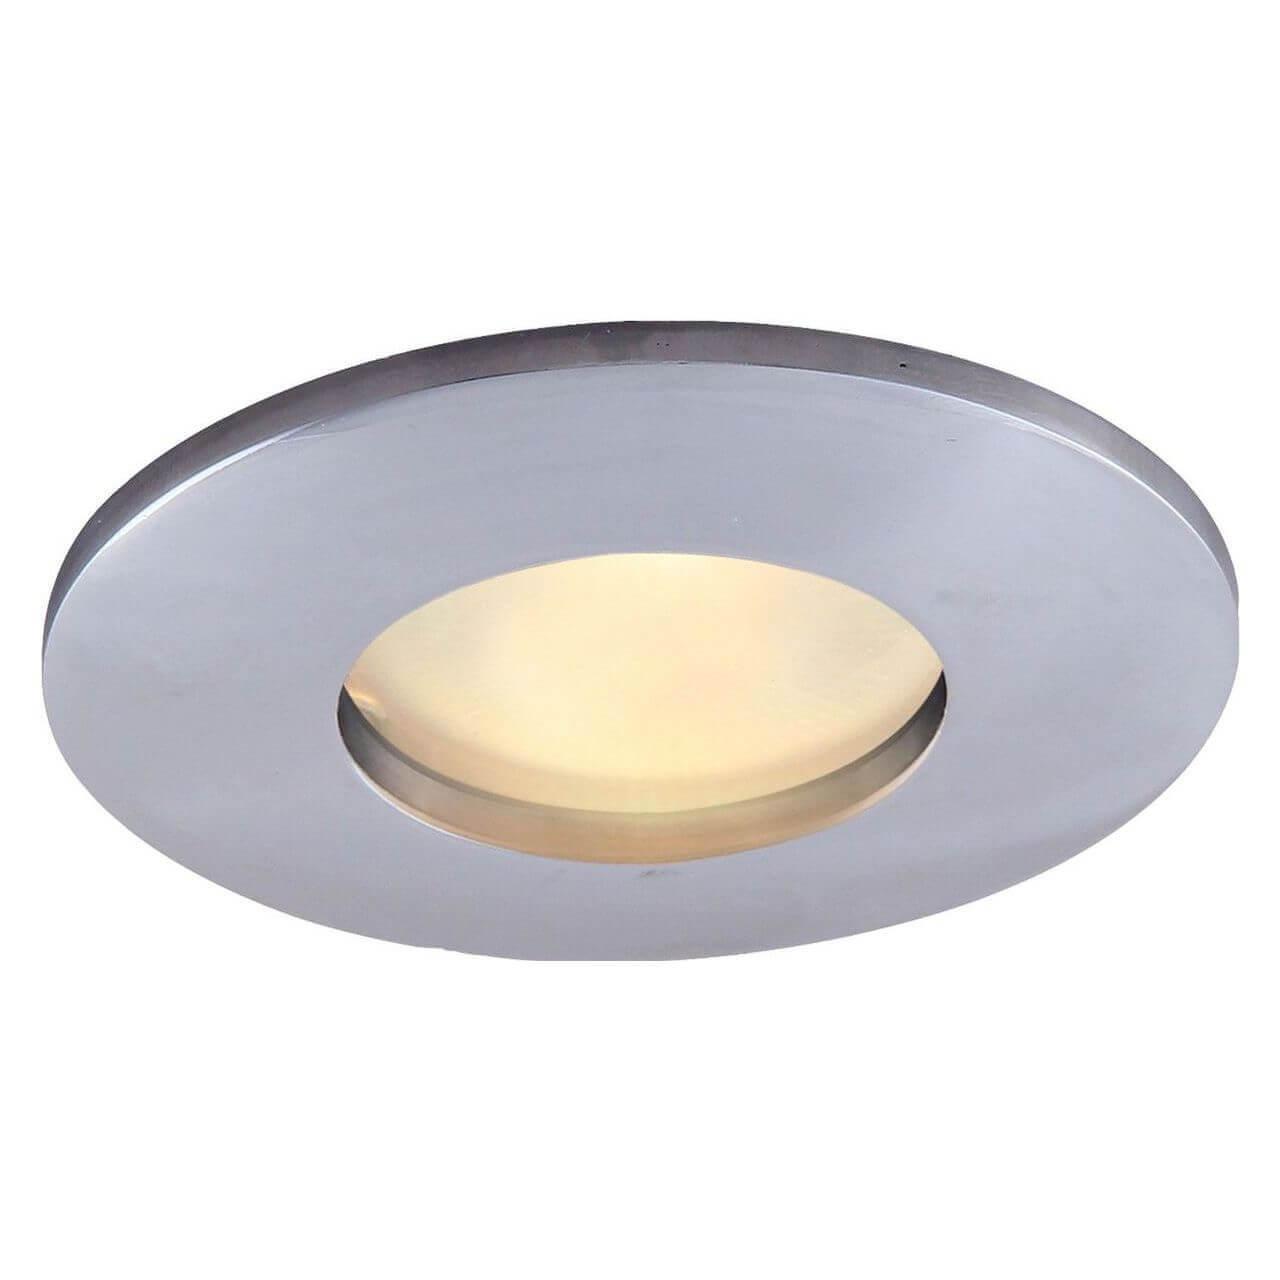 Фото - Светильник потолочный Artelamp A5440PL-1CC светильник artelamp leaves d 25см 1 e27 100вт 230в a4020pl 1cc